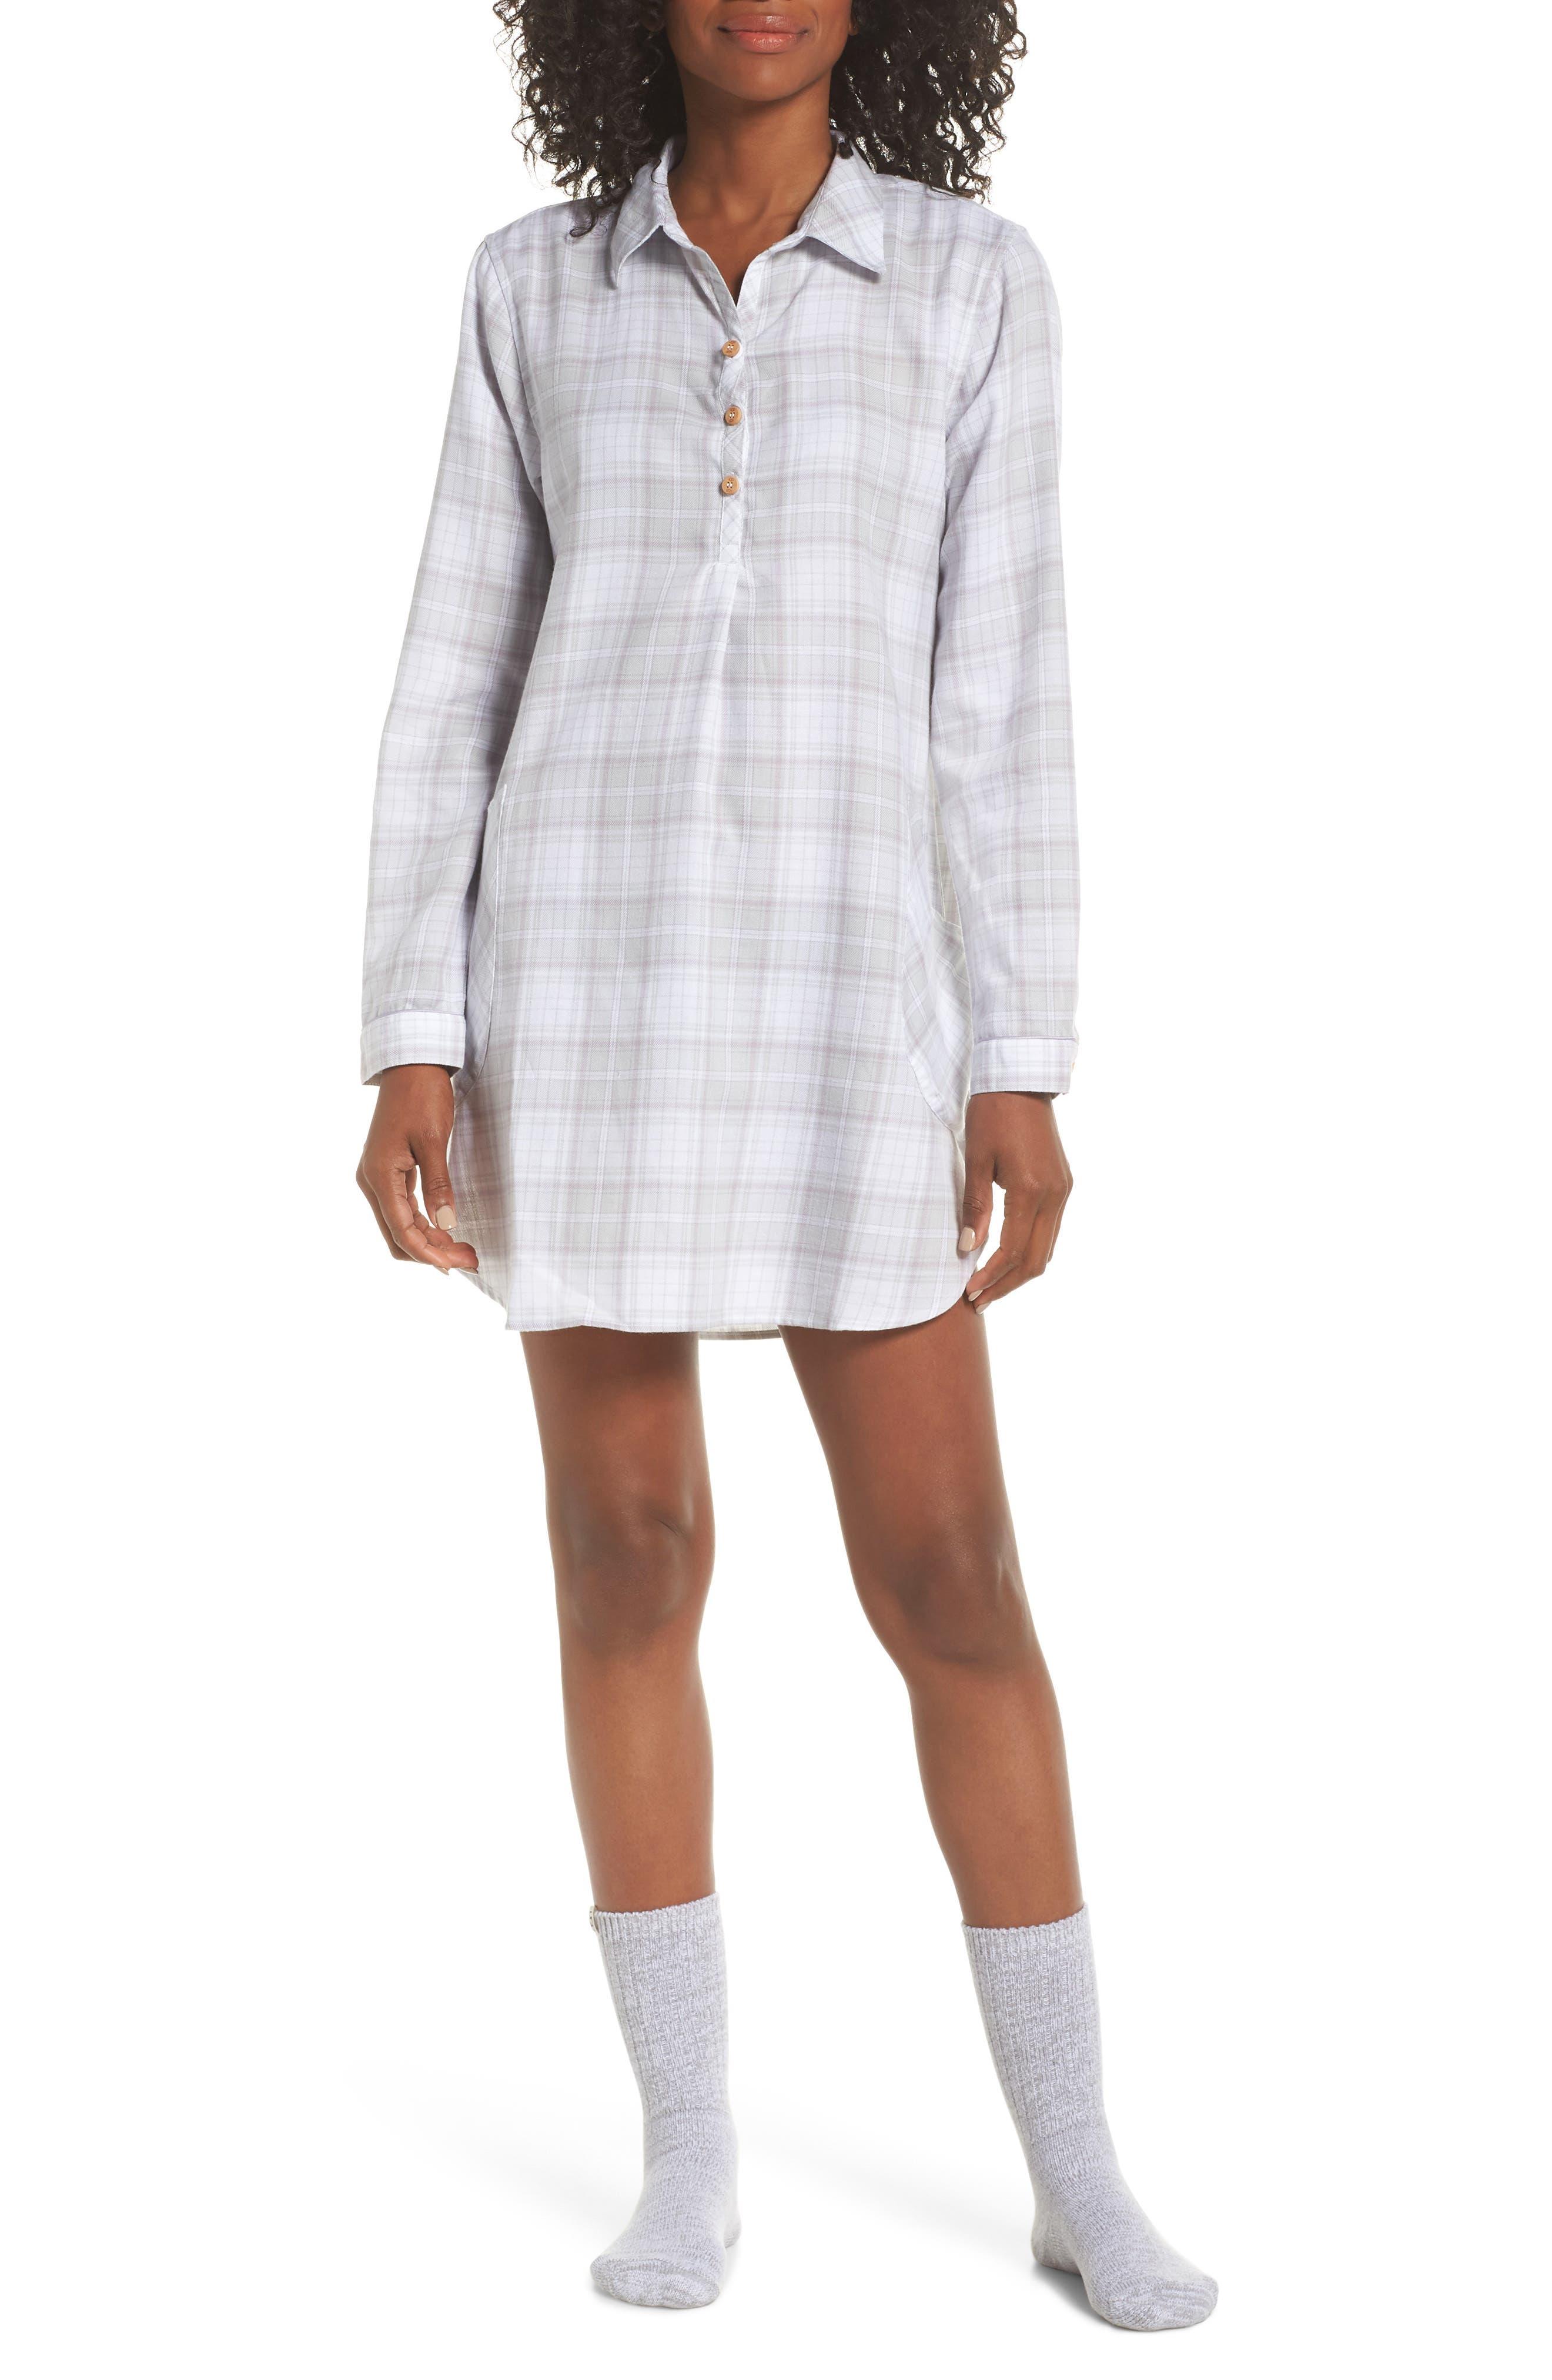 Sleep Shirt & Socks Set,                             Main thumbnail 1, color,                             LAVENDER AURA PLAID